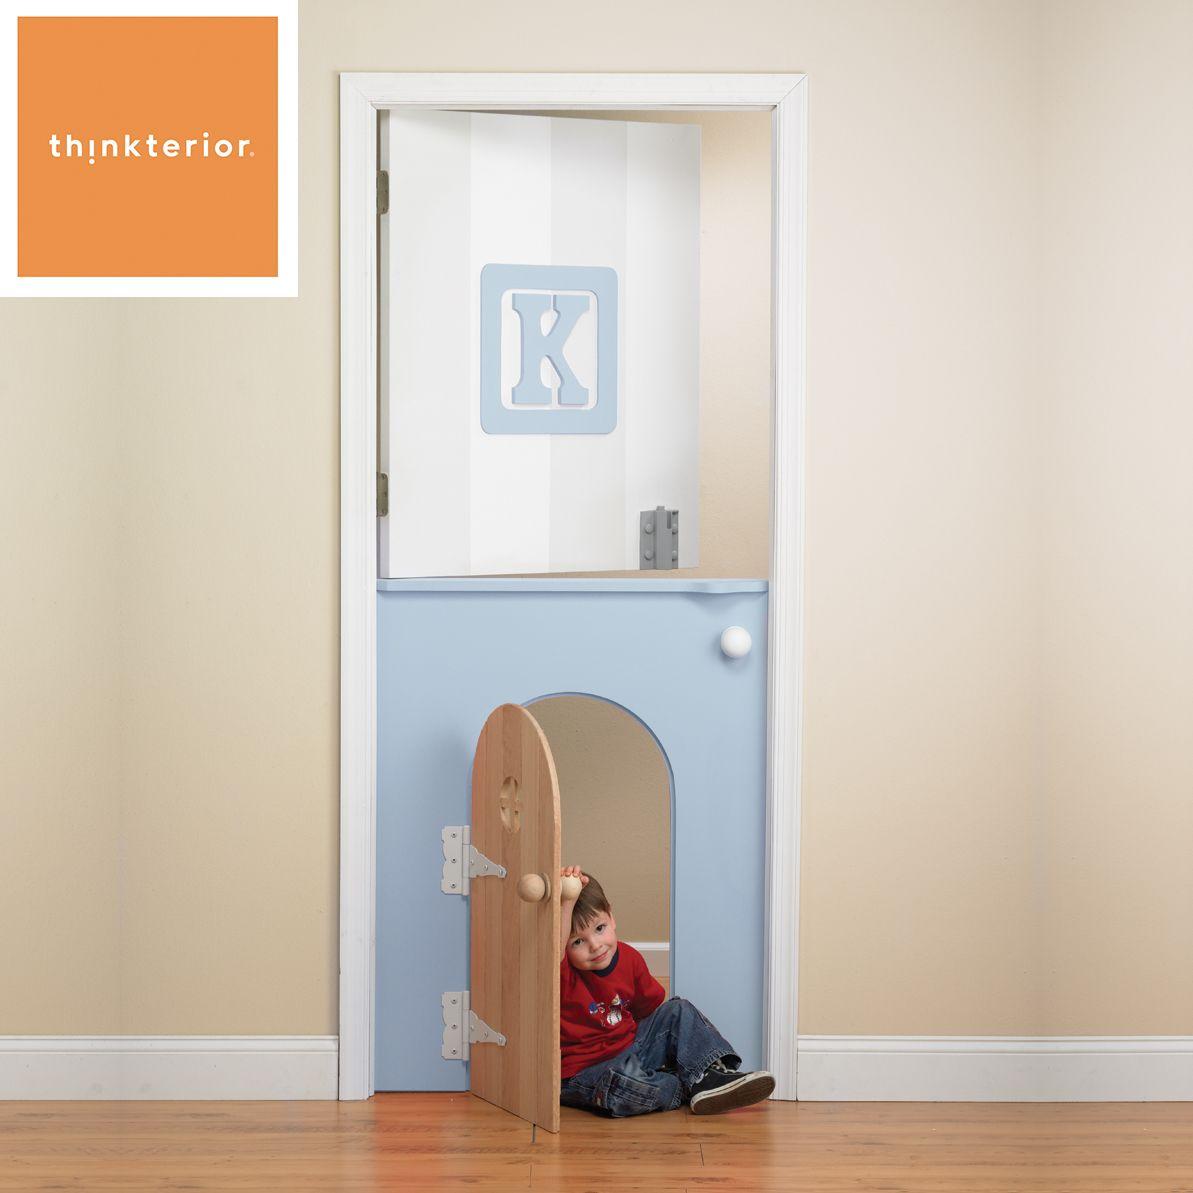 Thinkterior Produces Custom Bespoke Children S Interiors Worldwide Kids Mini Door Mydoor